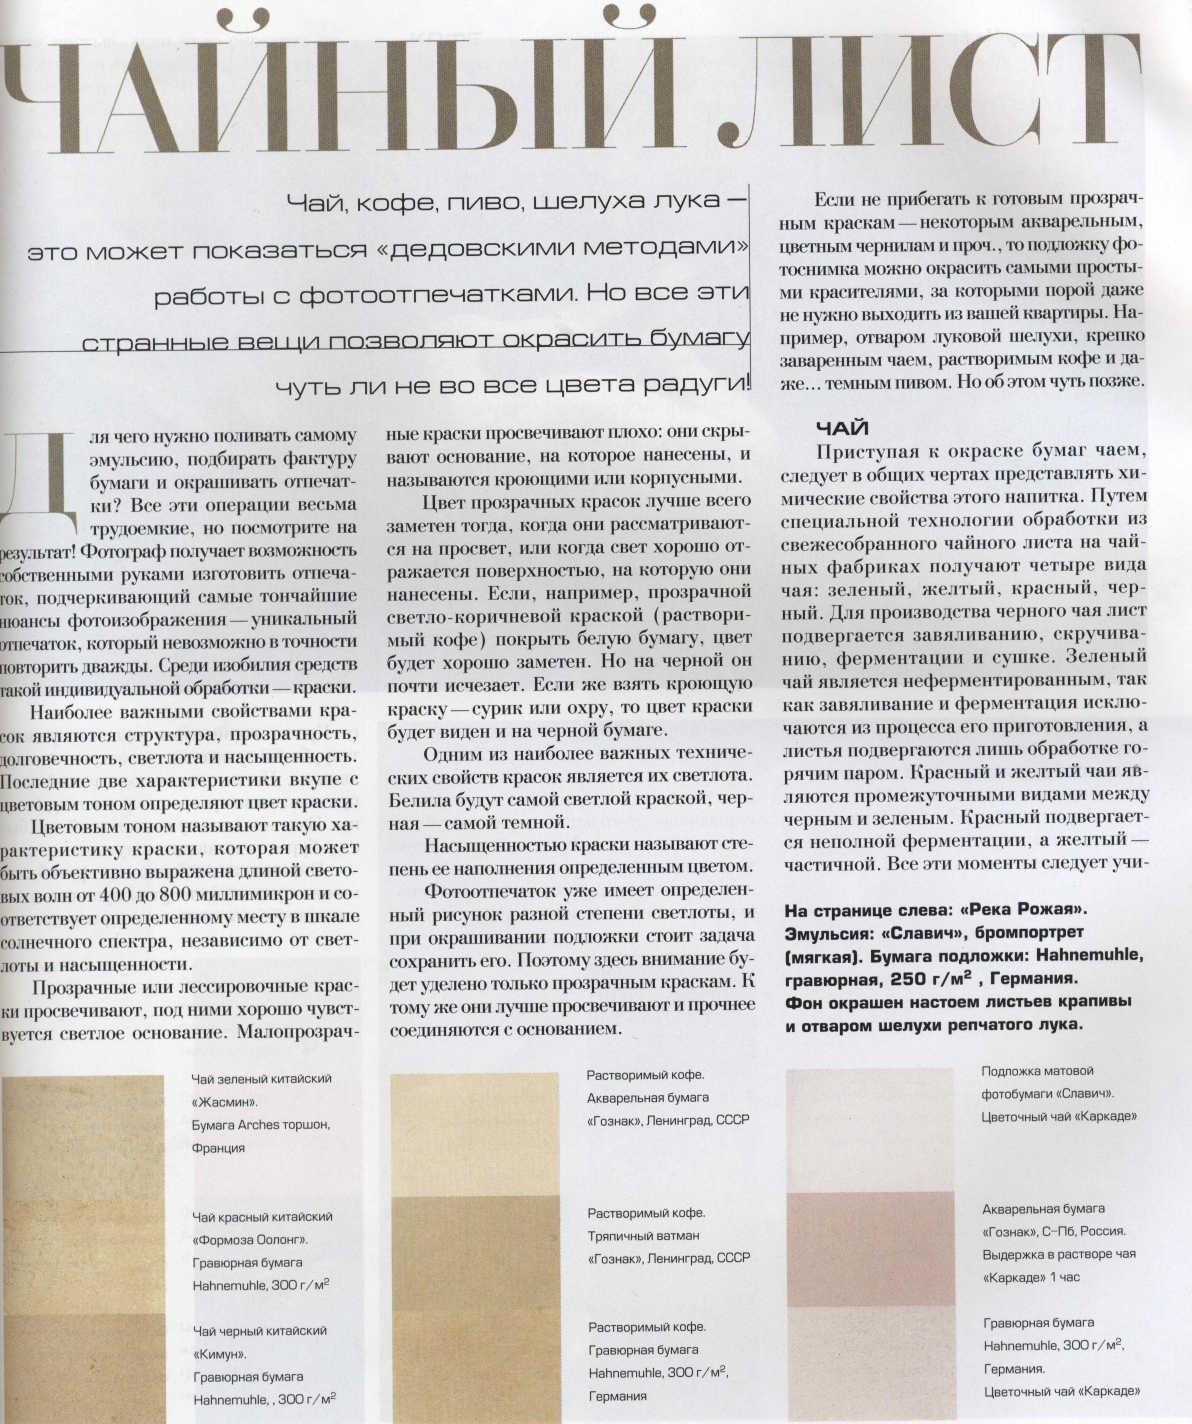 """Статья """"Чайный лист"""", автор Анатолий Ерин"""